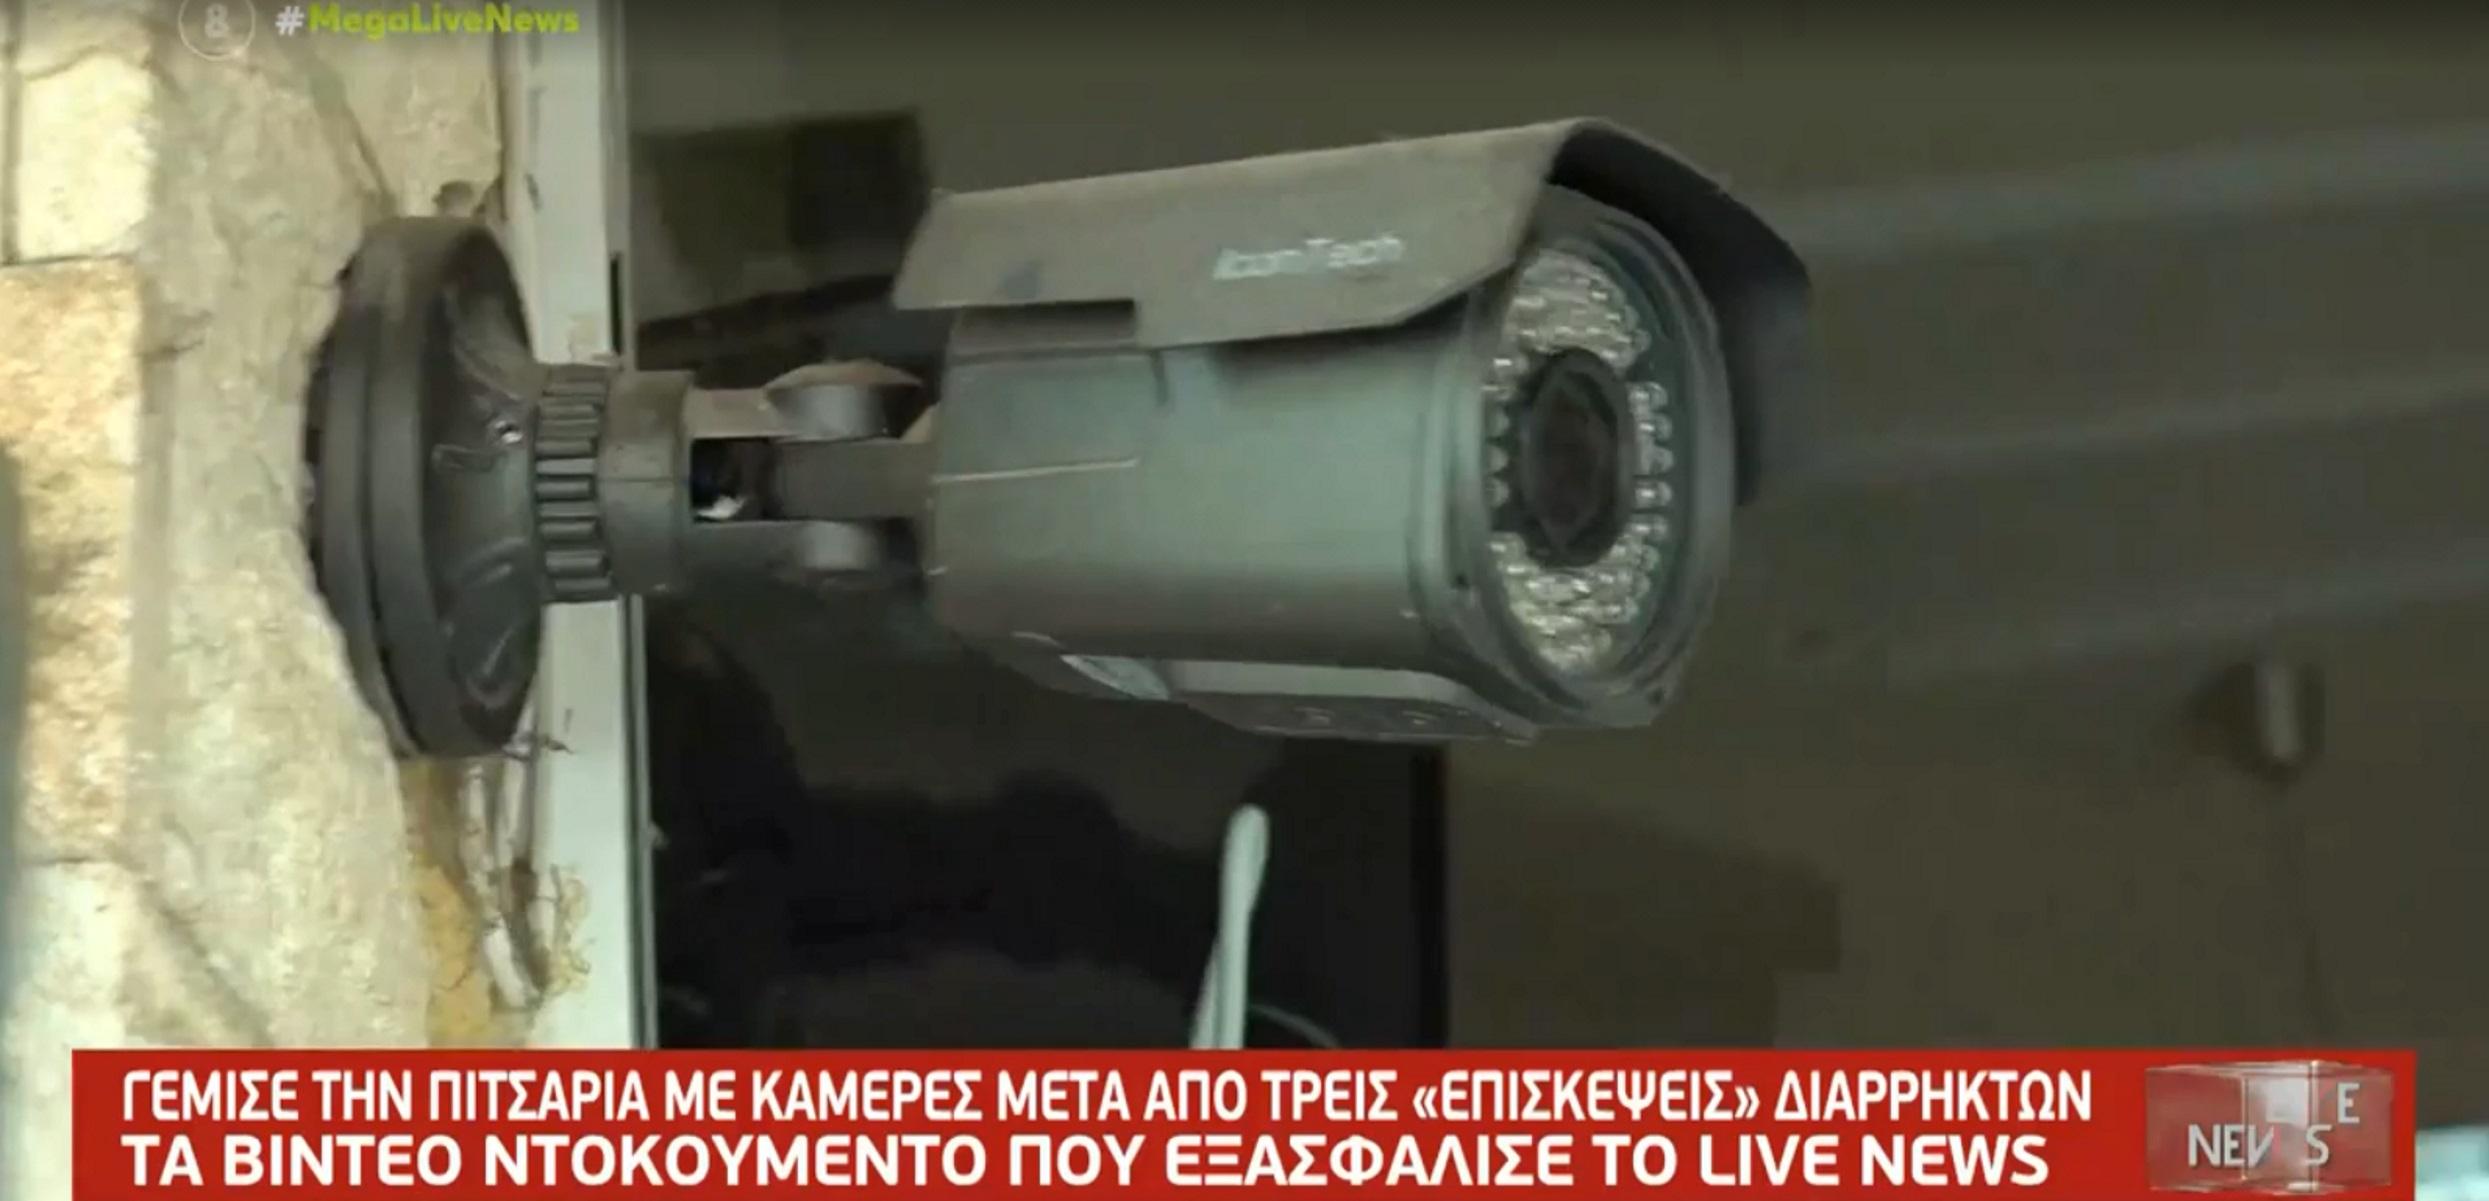 Θεσσαλονίκη: Βίντεο ντοκουμέντο από ληστεία πιτσαρίας – Ο δράστης πιάστηκε στη φάκα